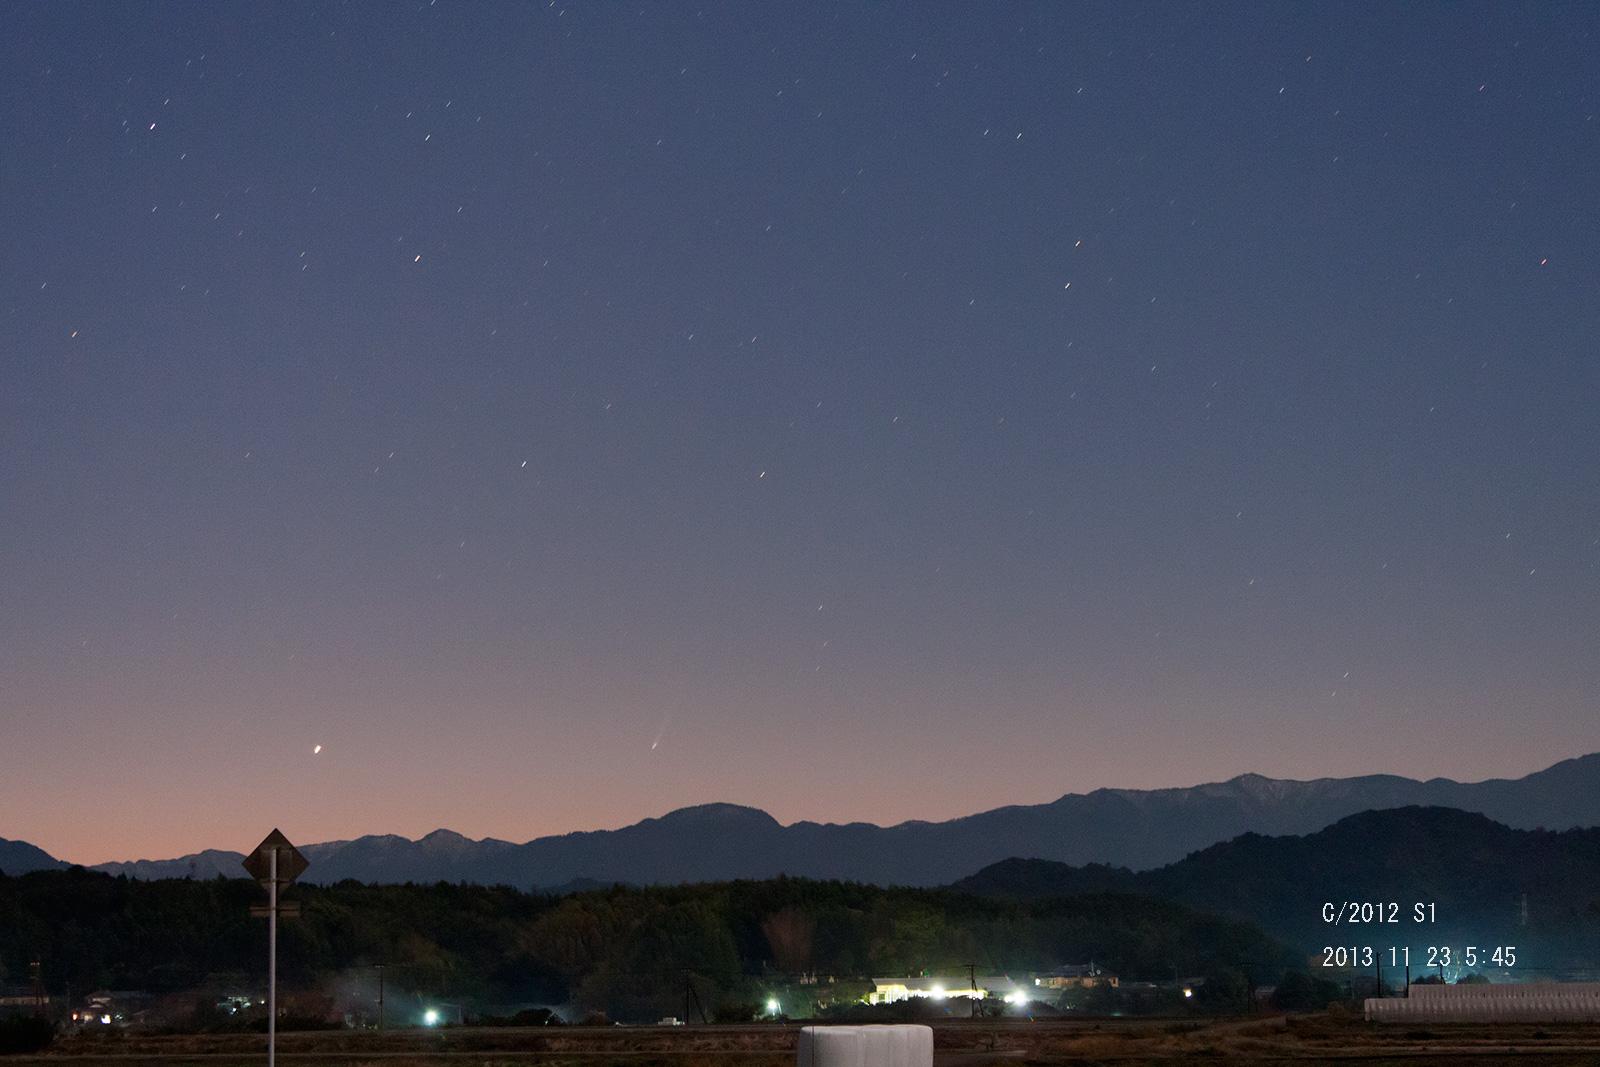 11月23日のアイソン彗星_e0174091_09164967.jpg